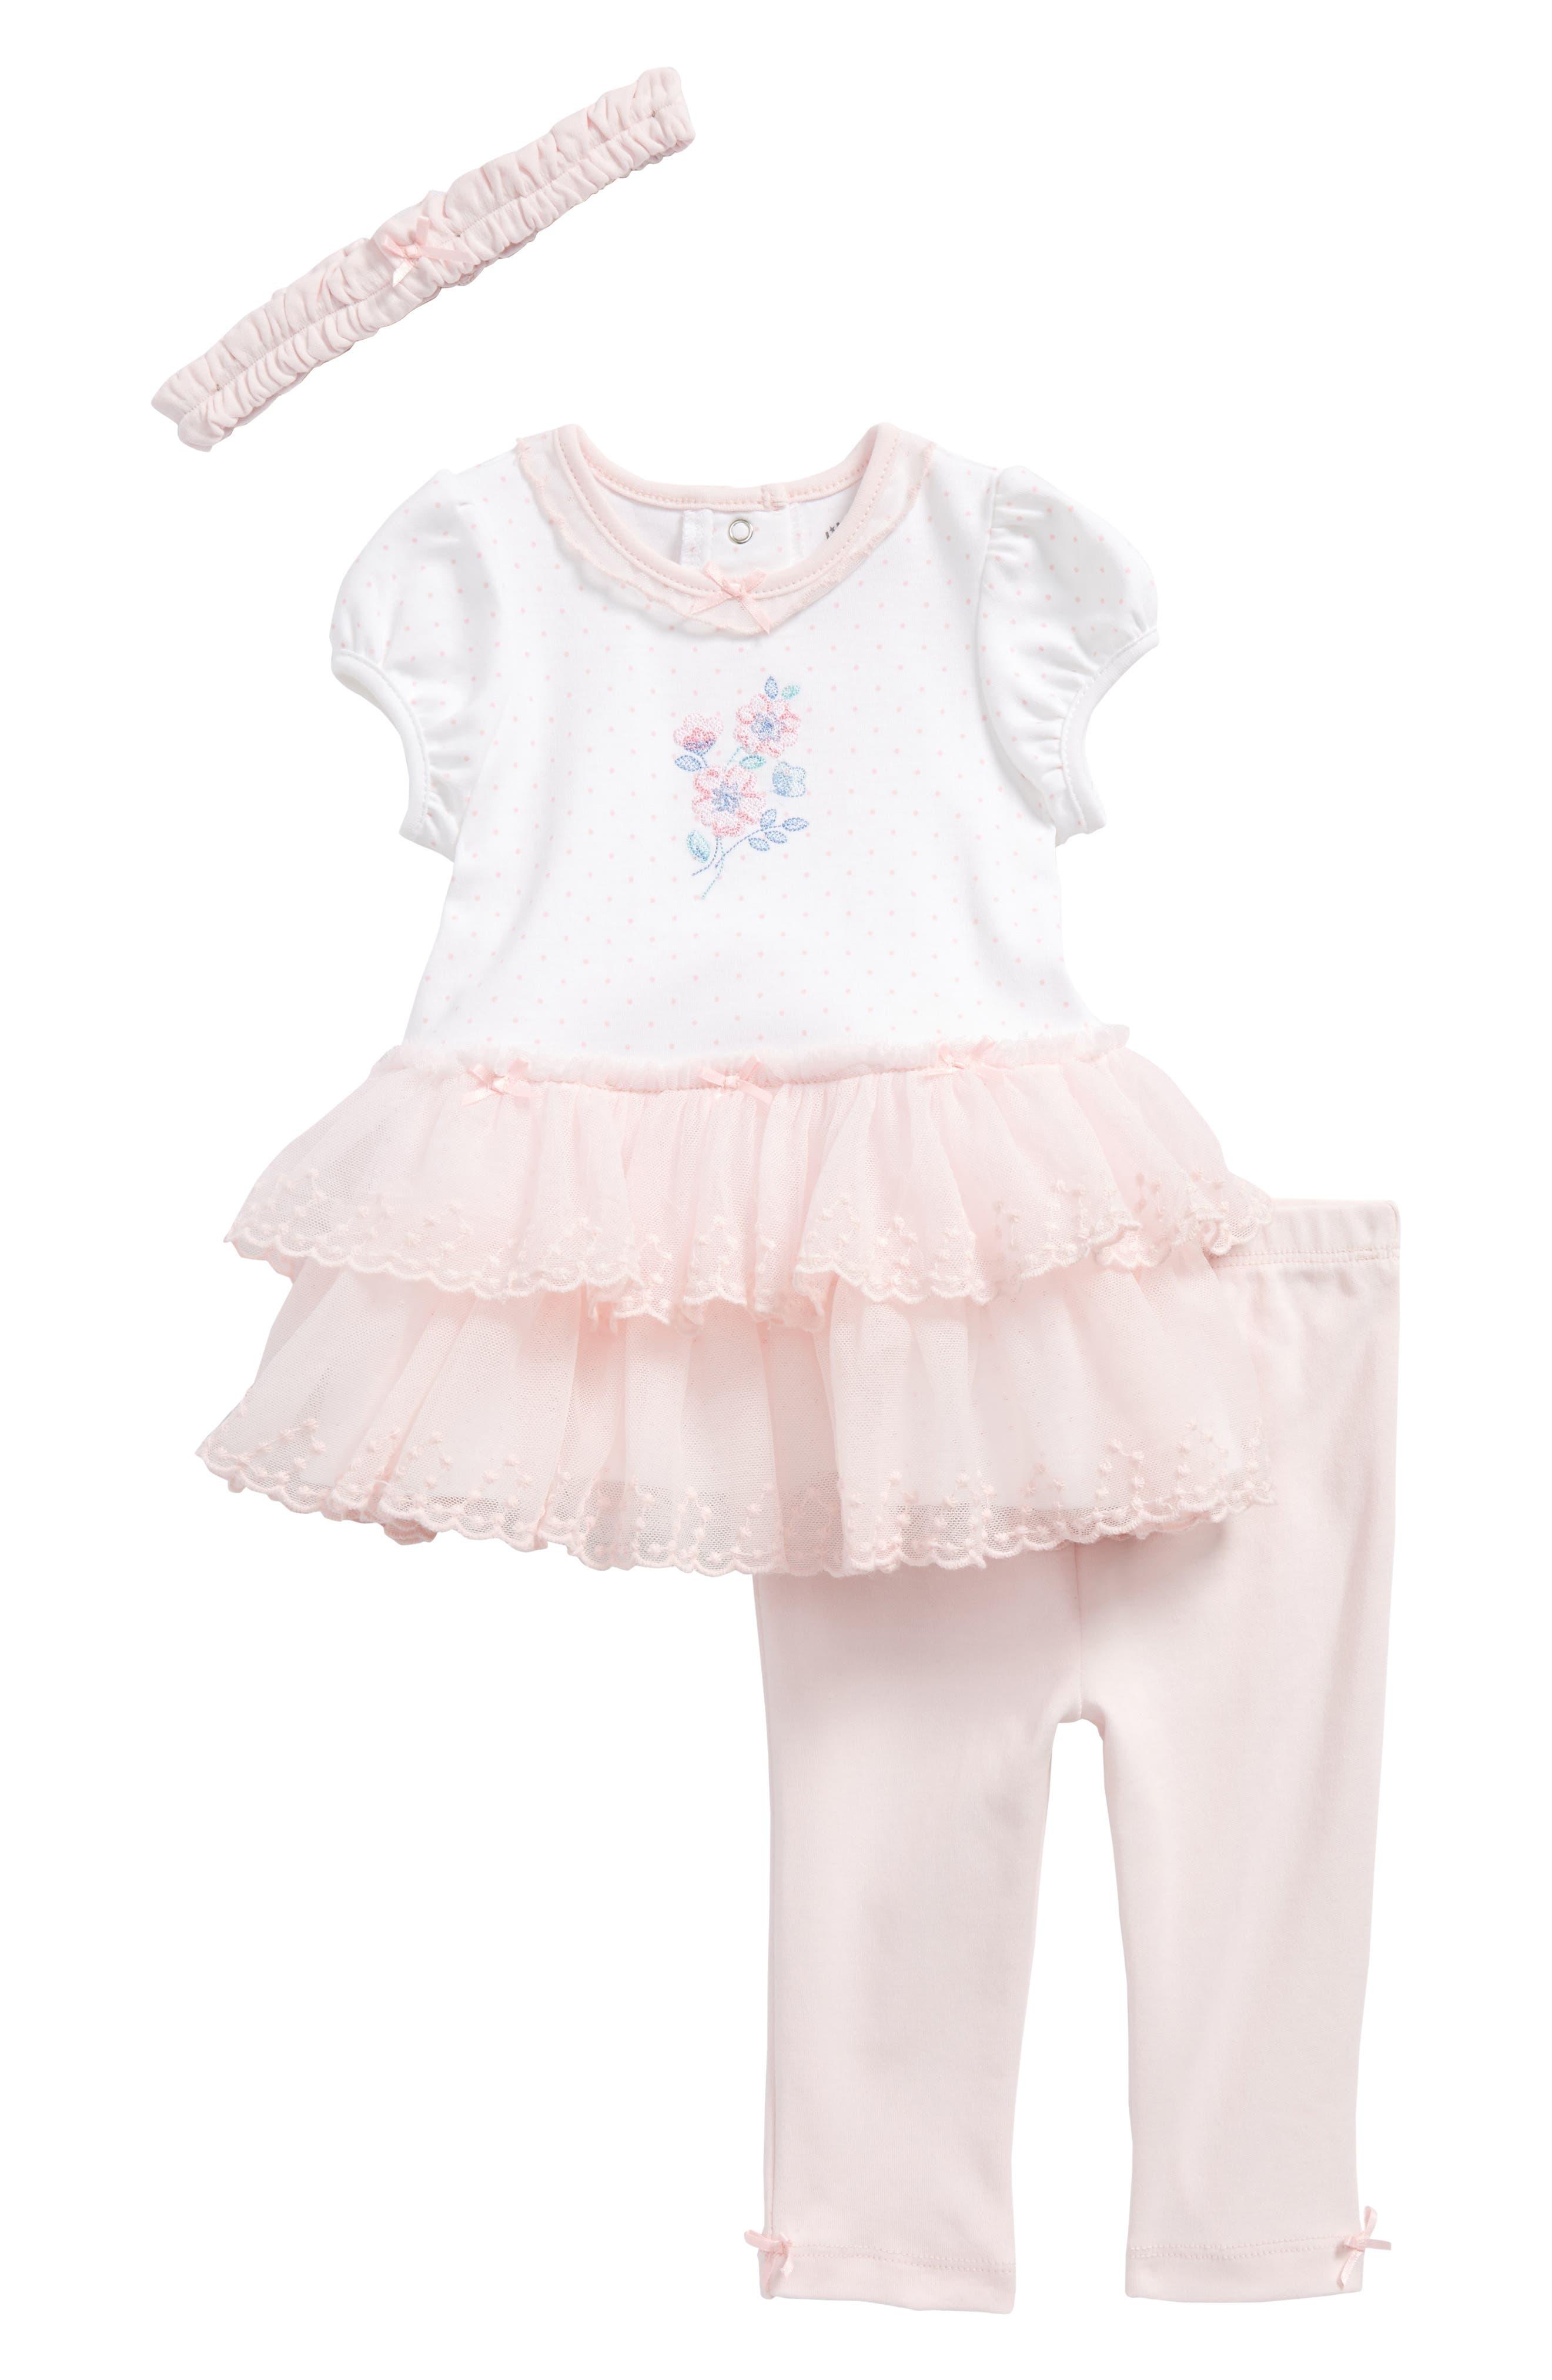 Main Image - Little Me Garden Dress, Leggings & Headband Set (Baby Girls)